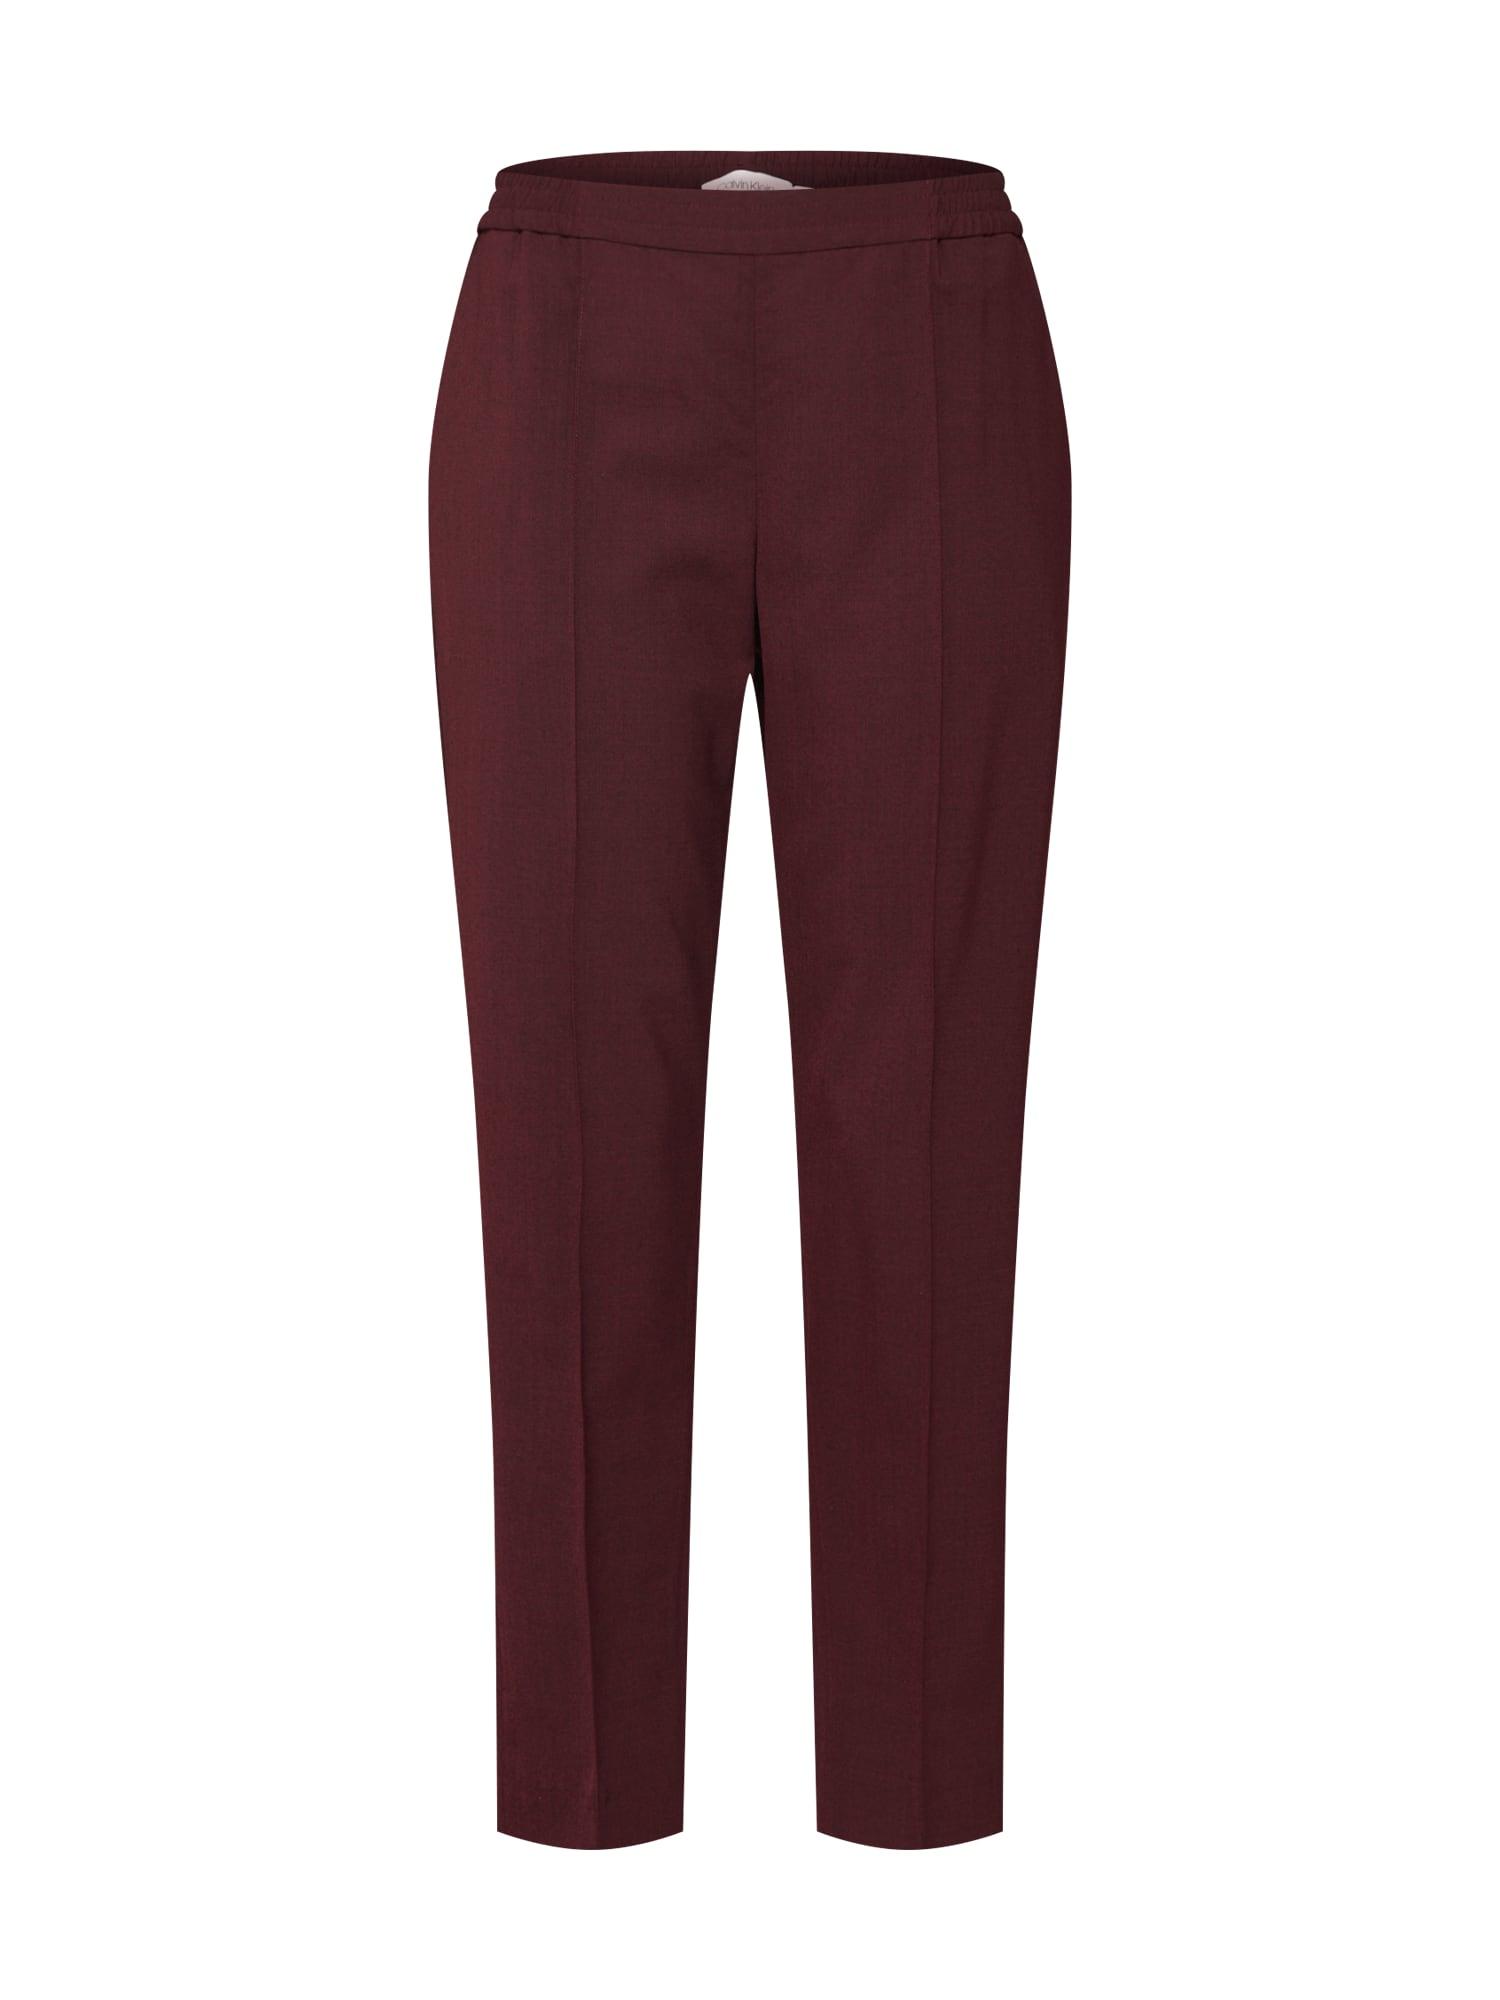 Calvin Klein Kelnės su kantu vyno raudona spalva